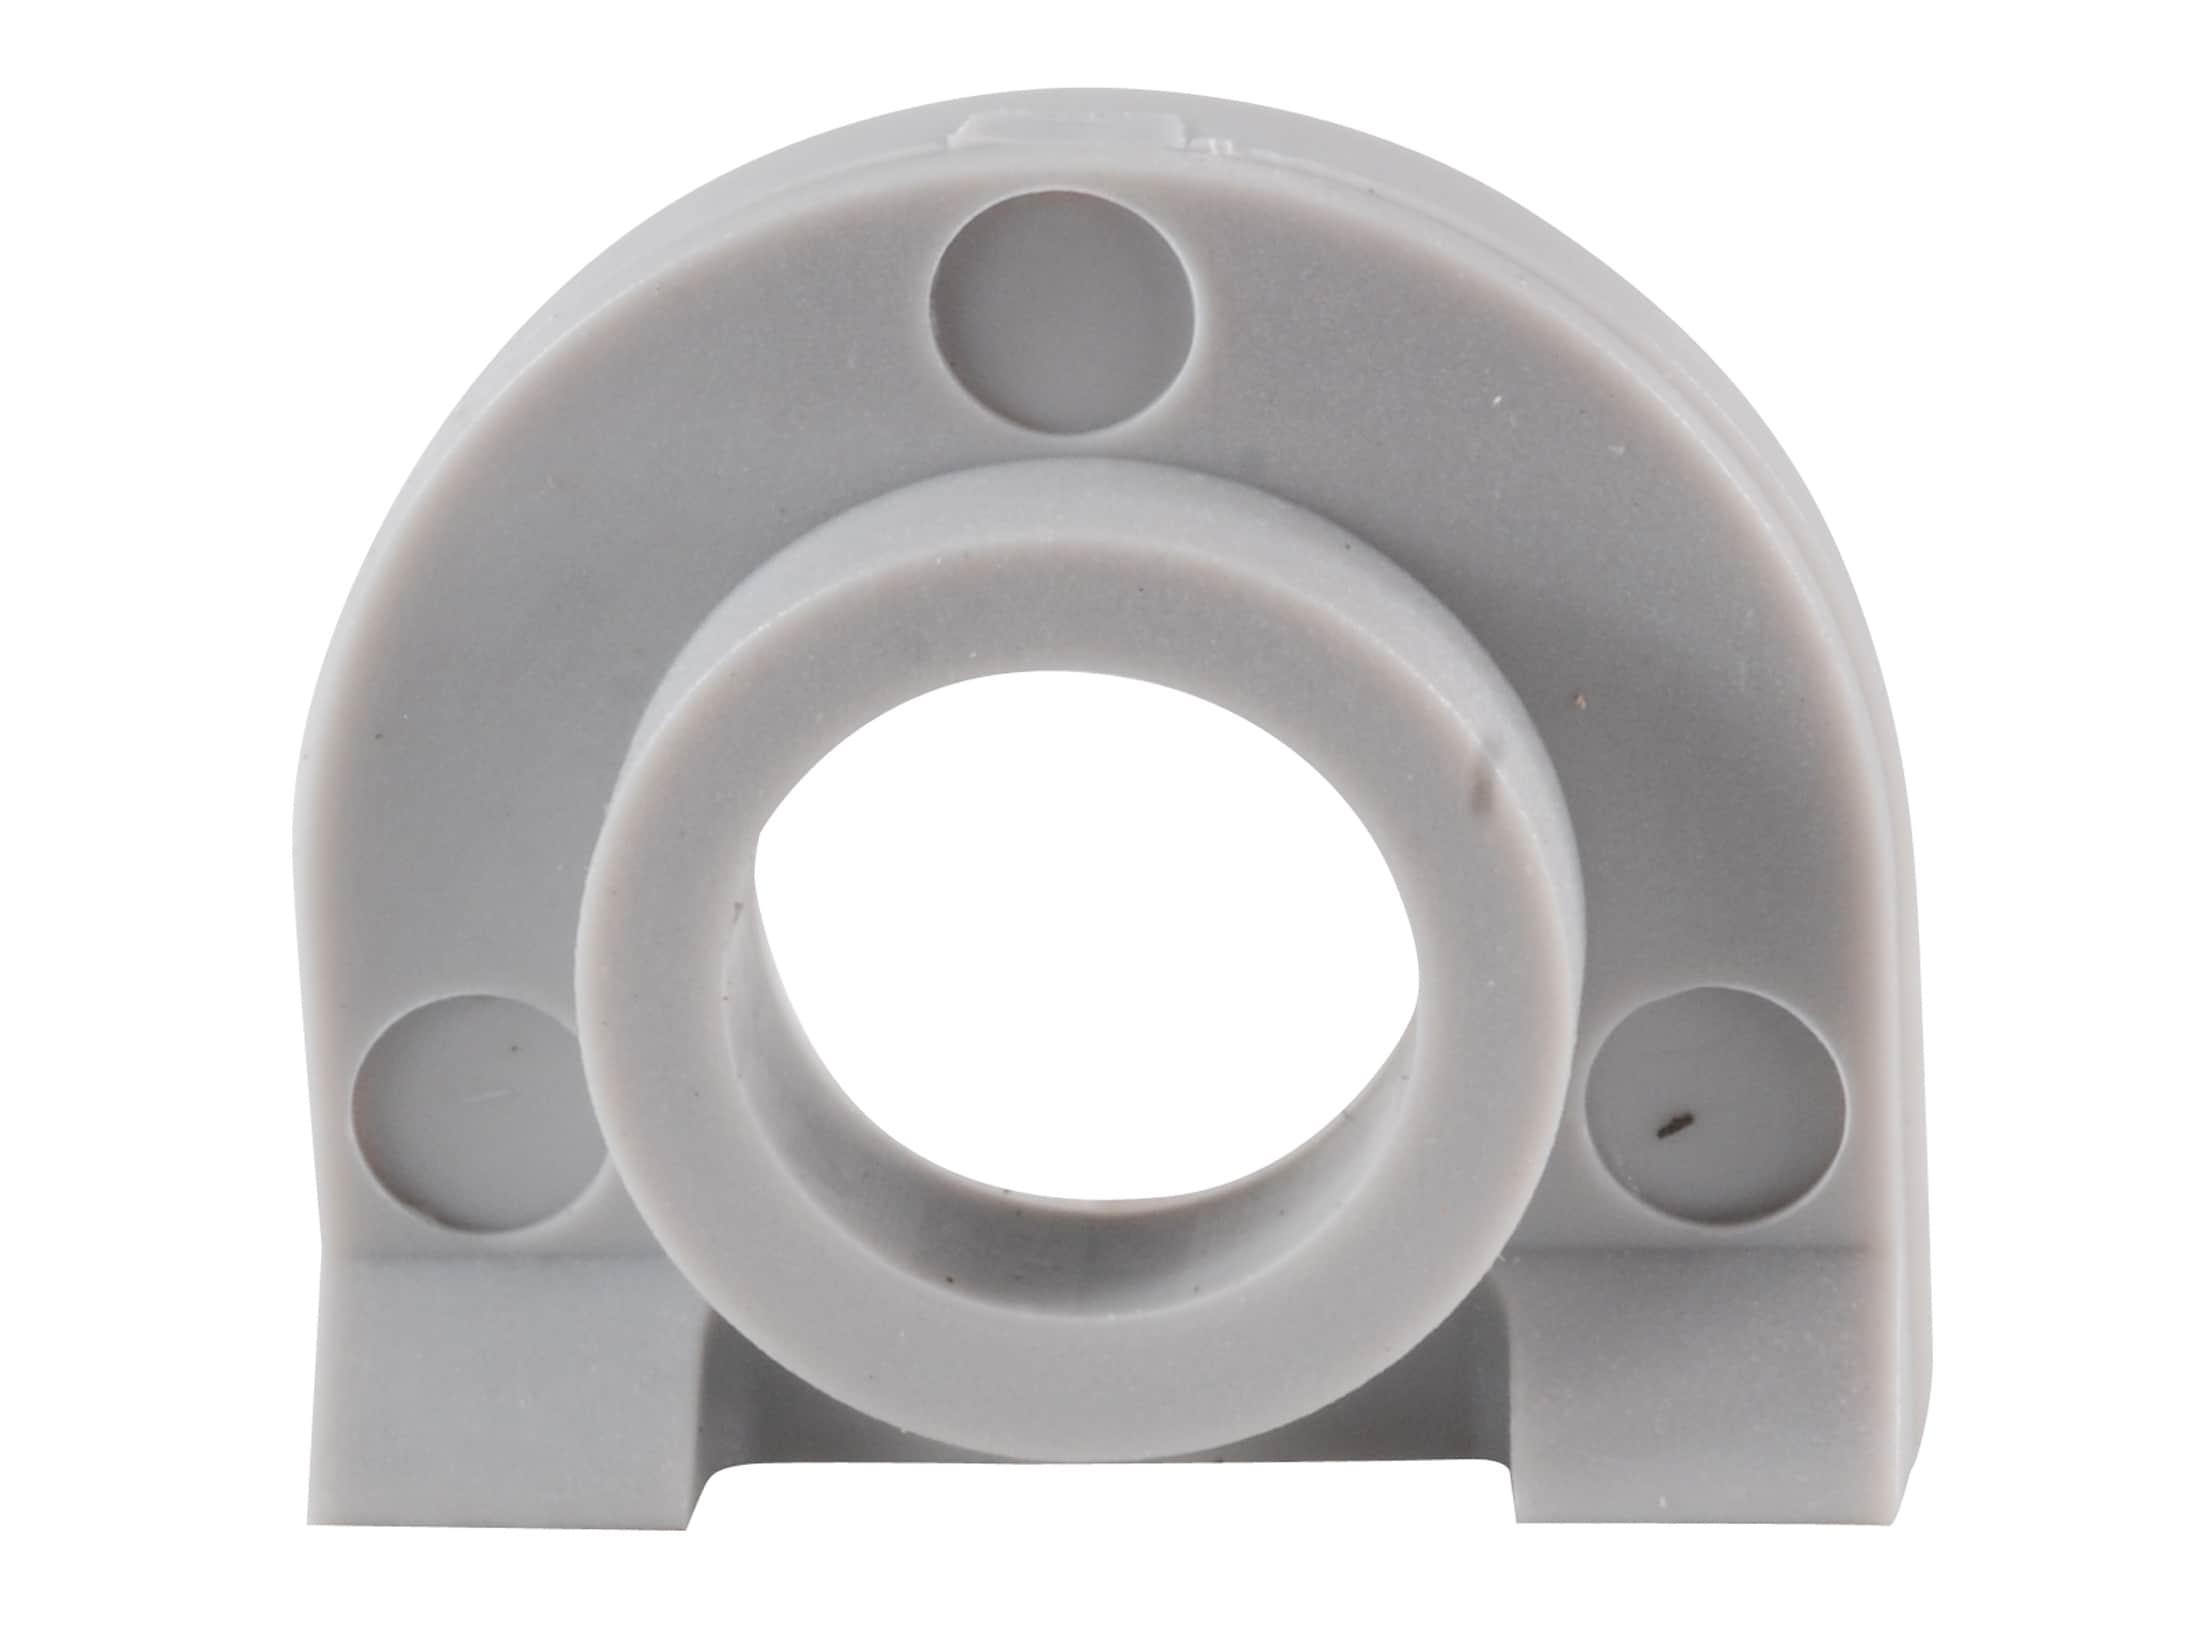 Buffer Technologies Recoil Buffer CZ 75 85 Polyurethane